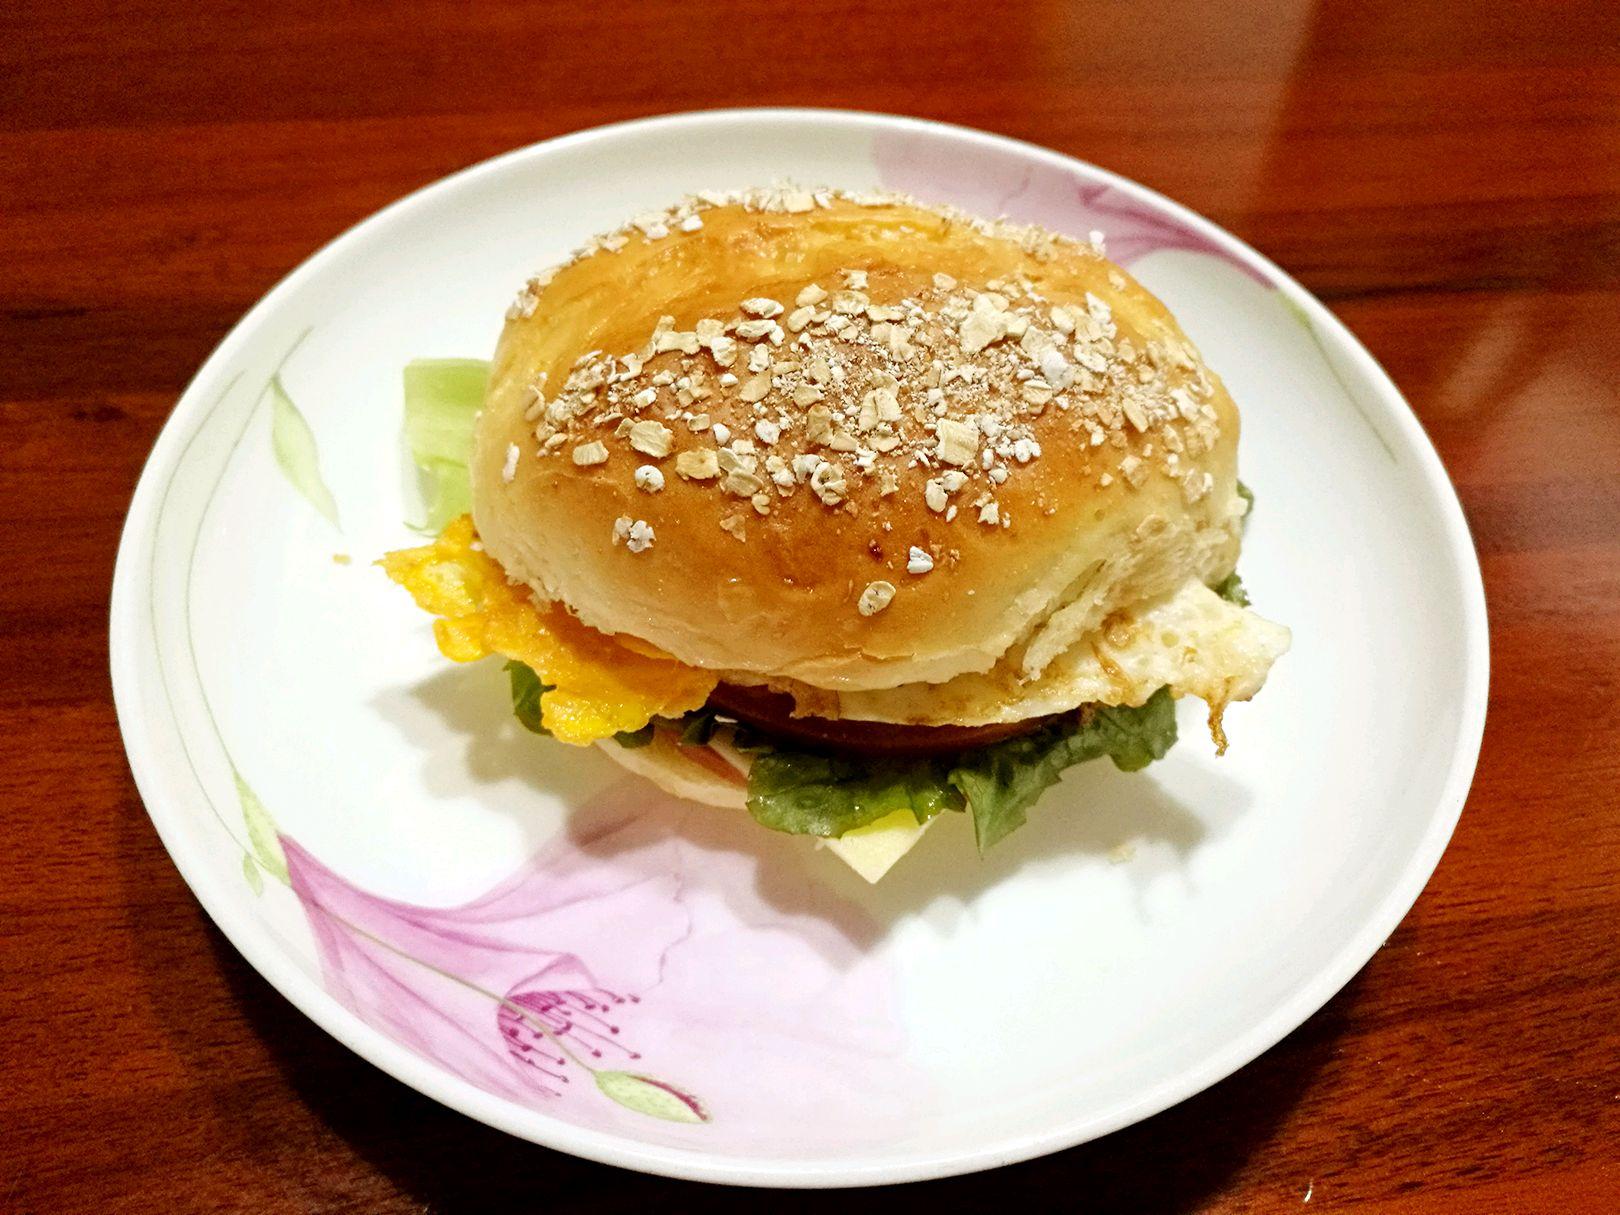 将制作汉堡胚的材料放入厨师机揉,然后再放入黄油揉到出膜,进行发酵